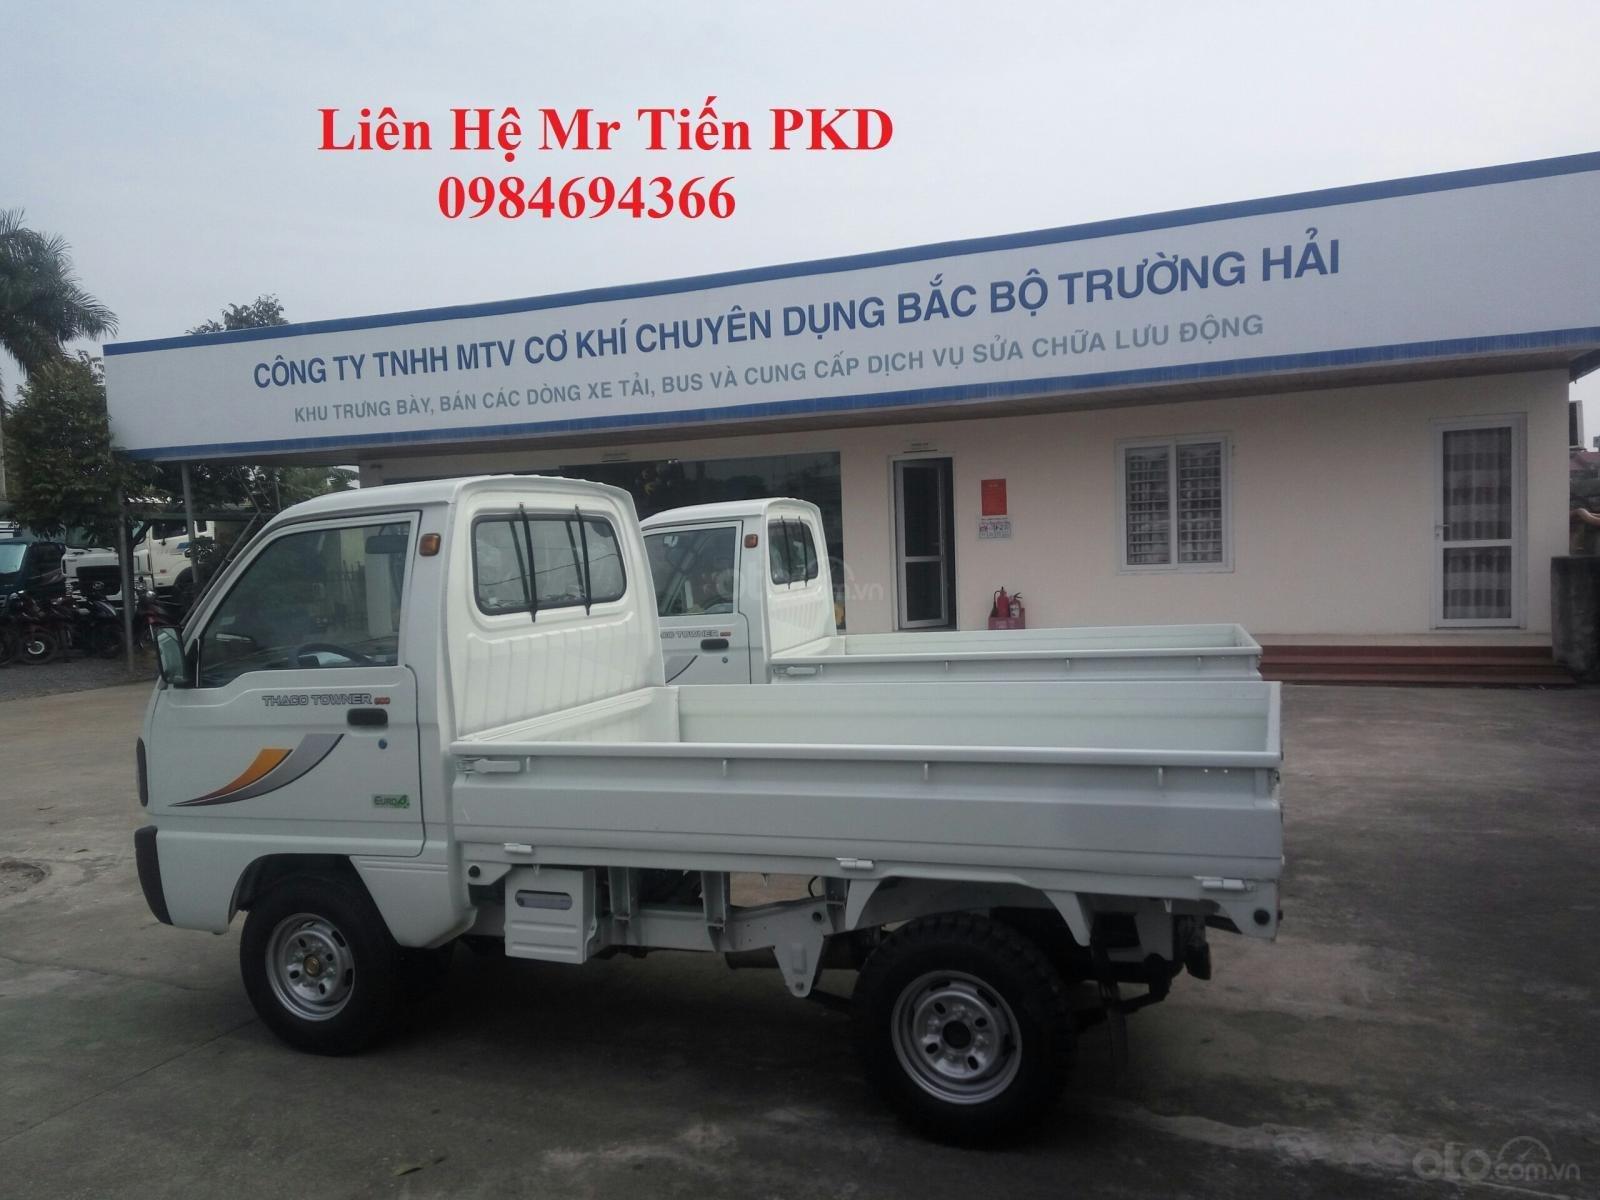 Xe tải 5 tạ nâng tải 9 tạ Thaco Towner nhỏ gọn, đủ loại thùng, giá tốt, liên hệ 0984694366 (18)